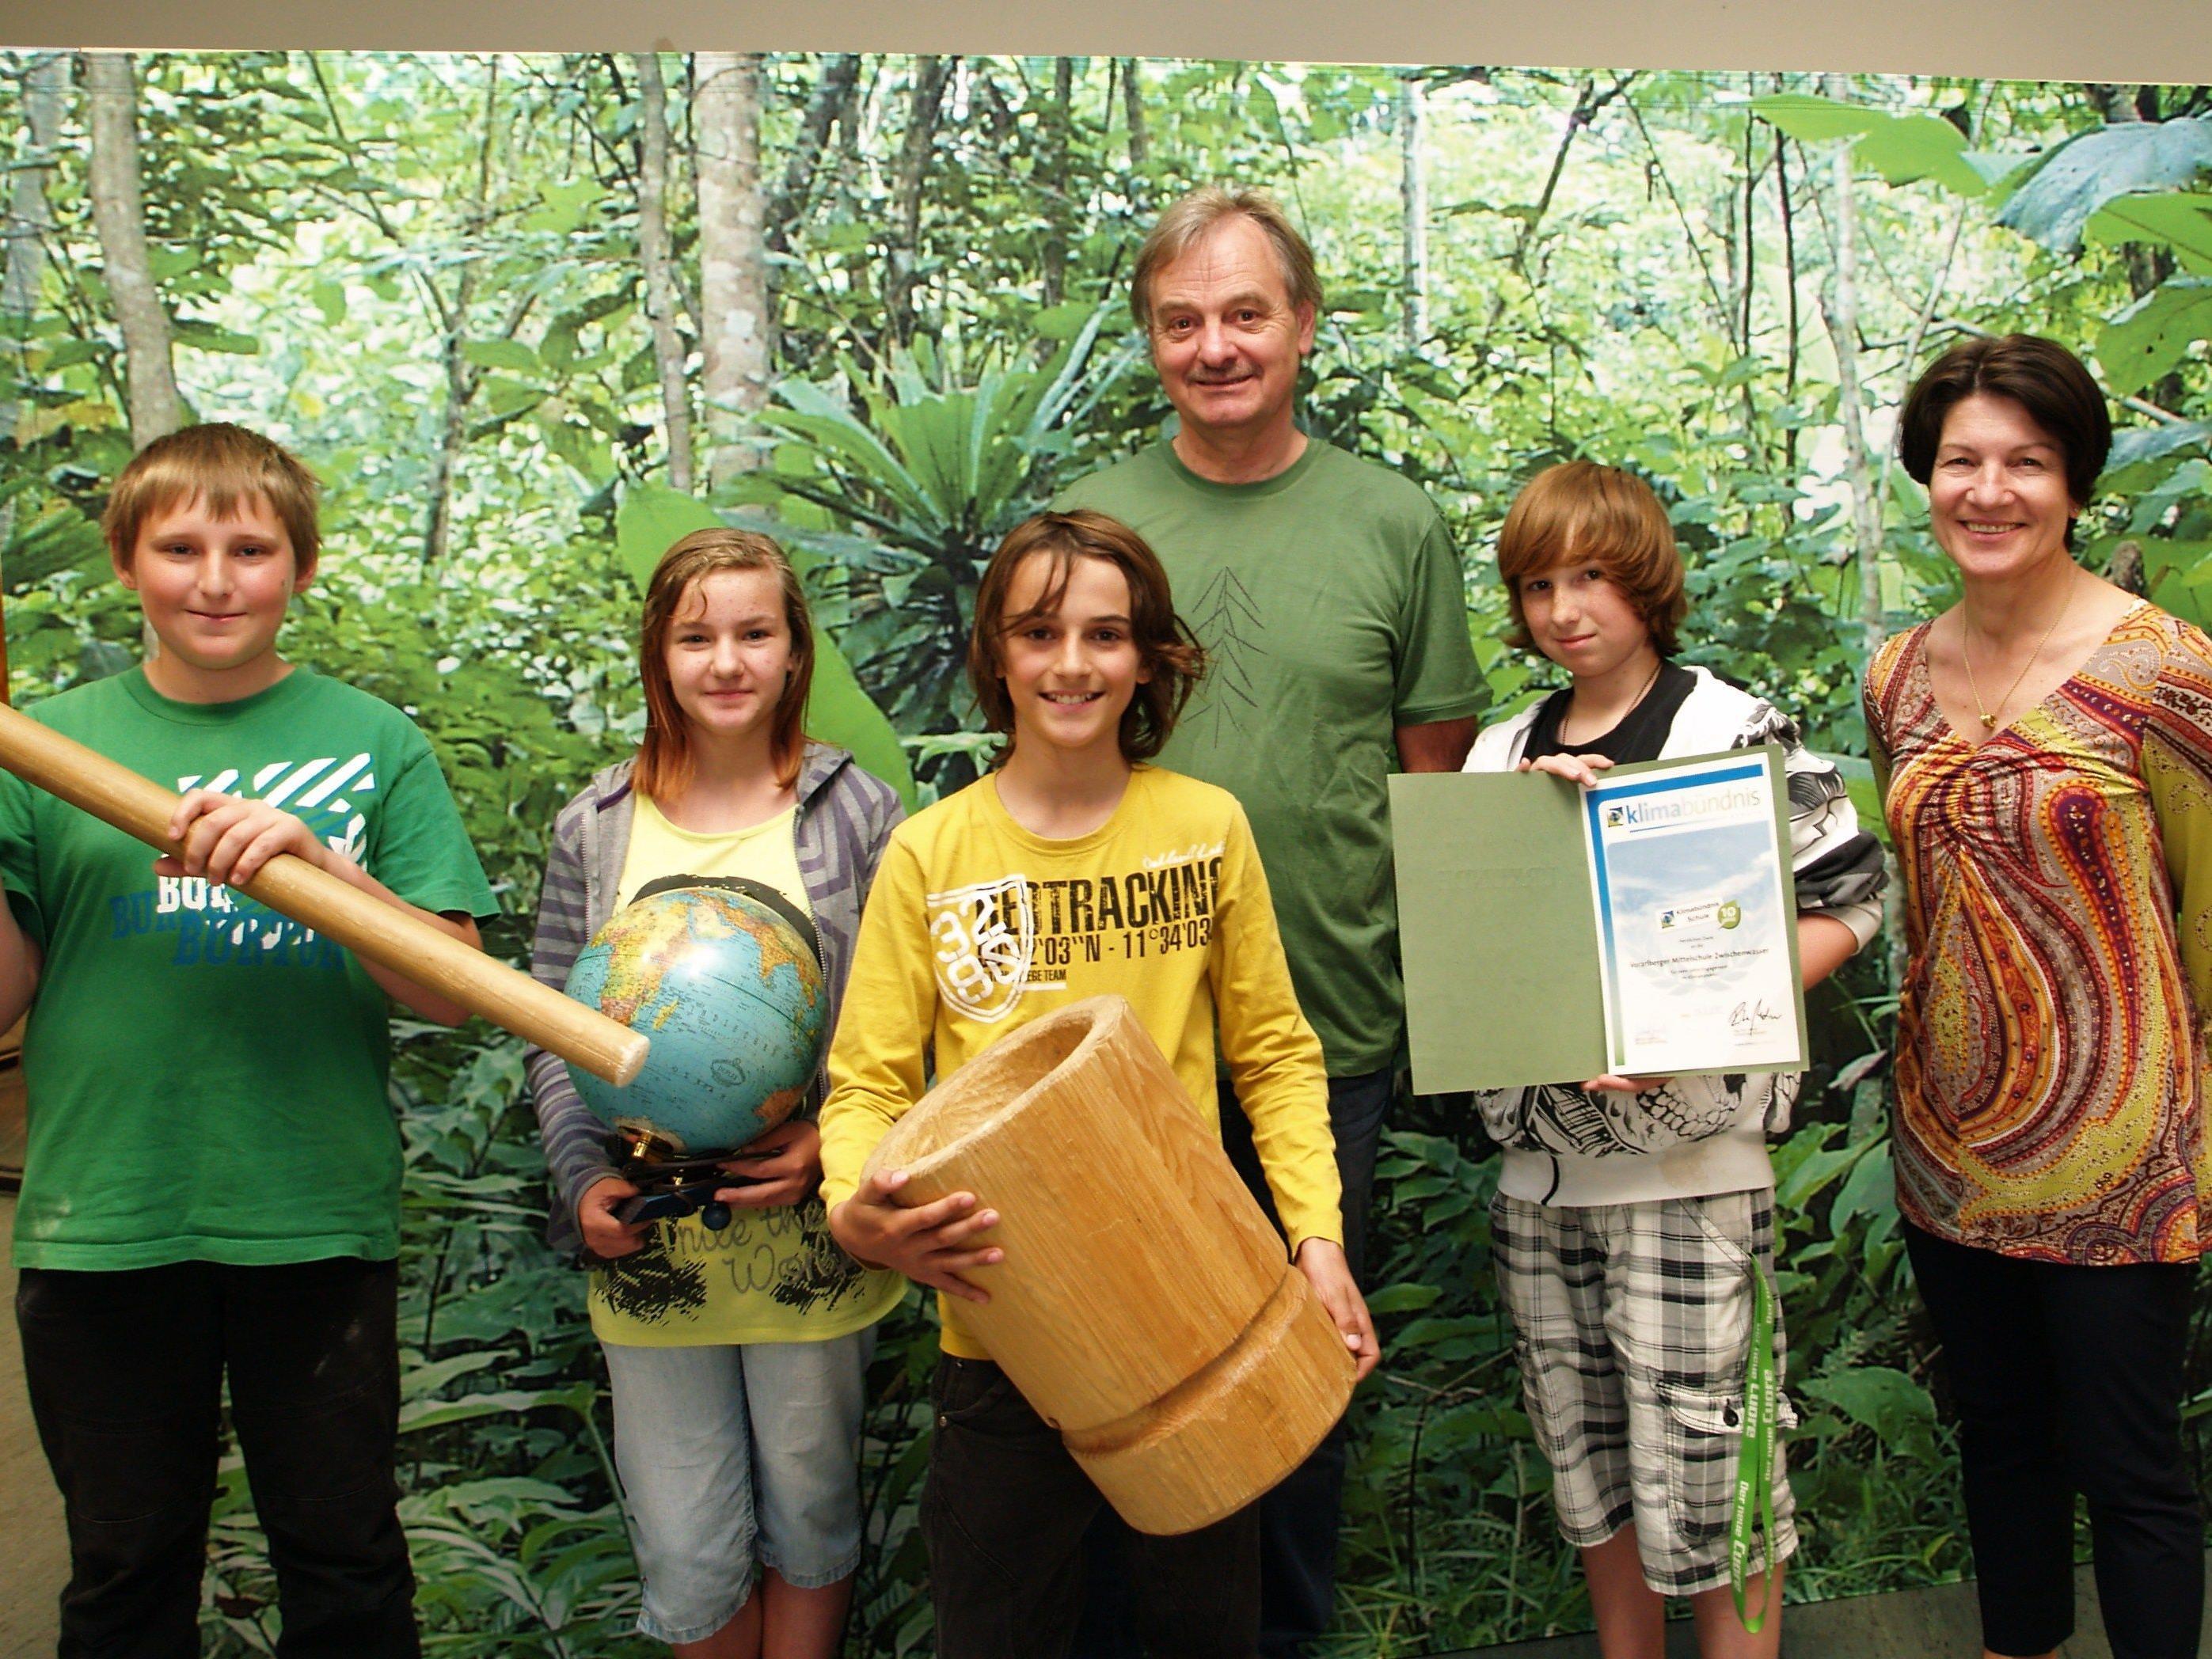 Direktorin Monika Drexel und Werner Baldauf mit einigen Schüler bei der Klimabündnisausstellung an der Mittelschule.